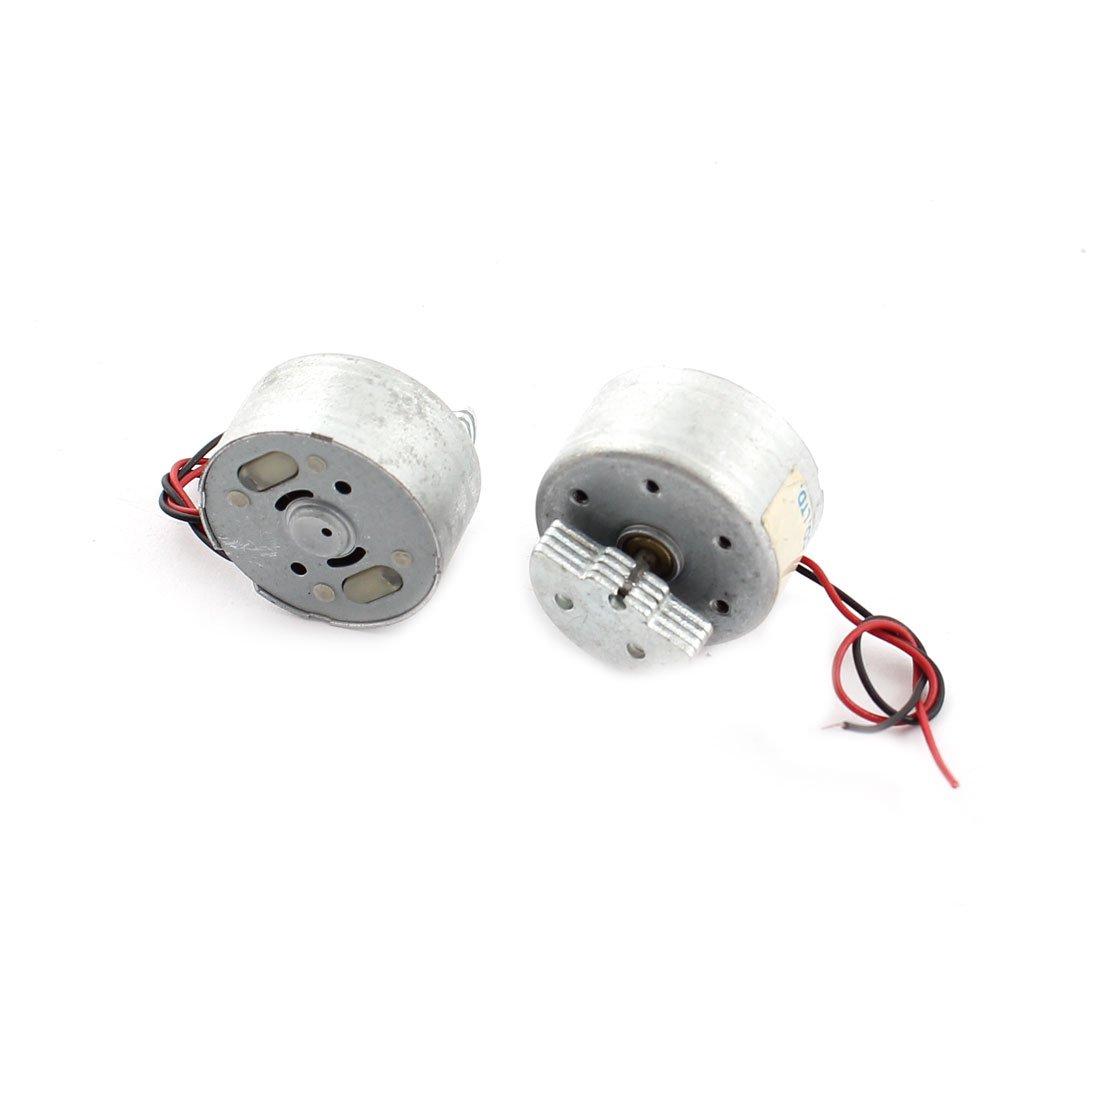 2 pièces Mini Moteur De Vibration 3500 T/MN DC 1.5-6V pour Game Manette de jeu